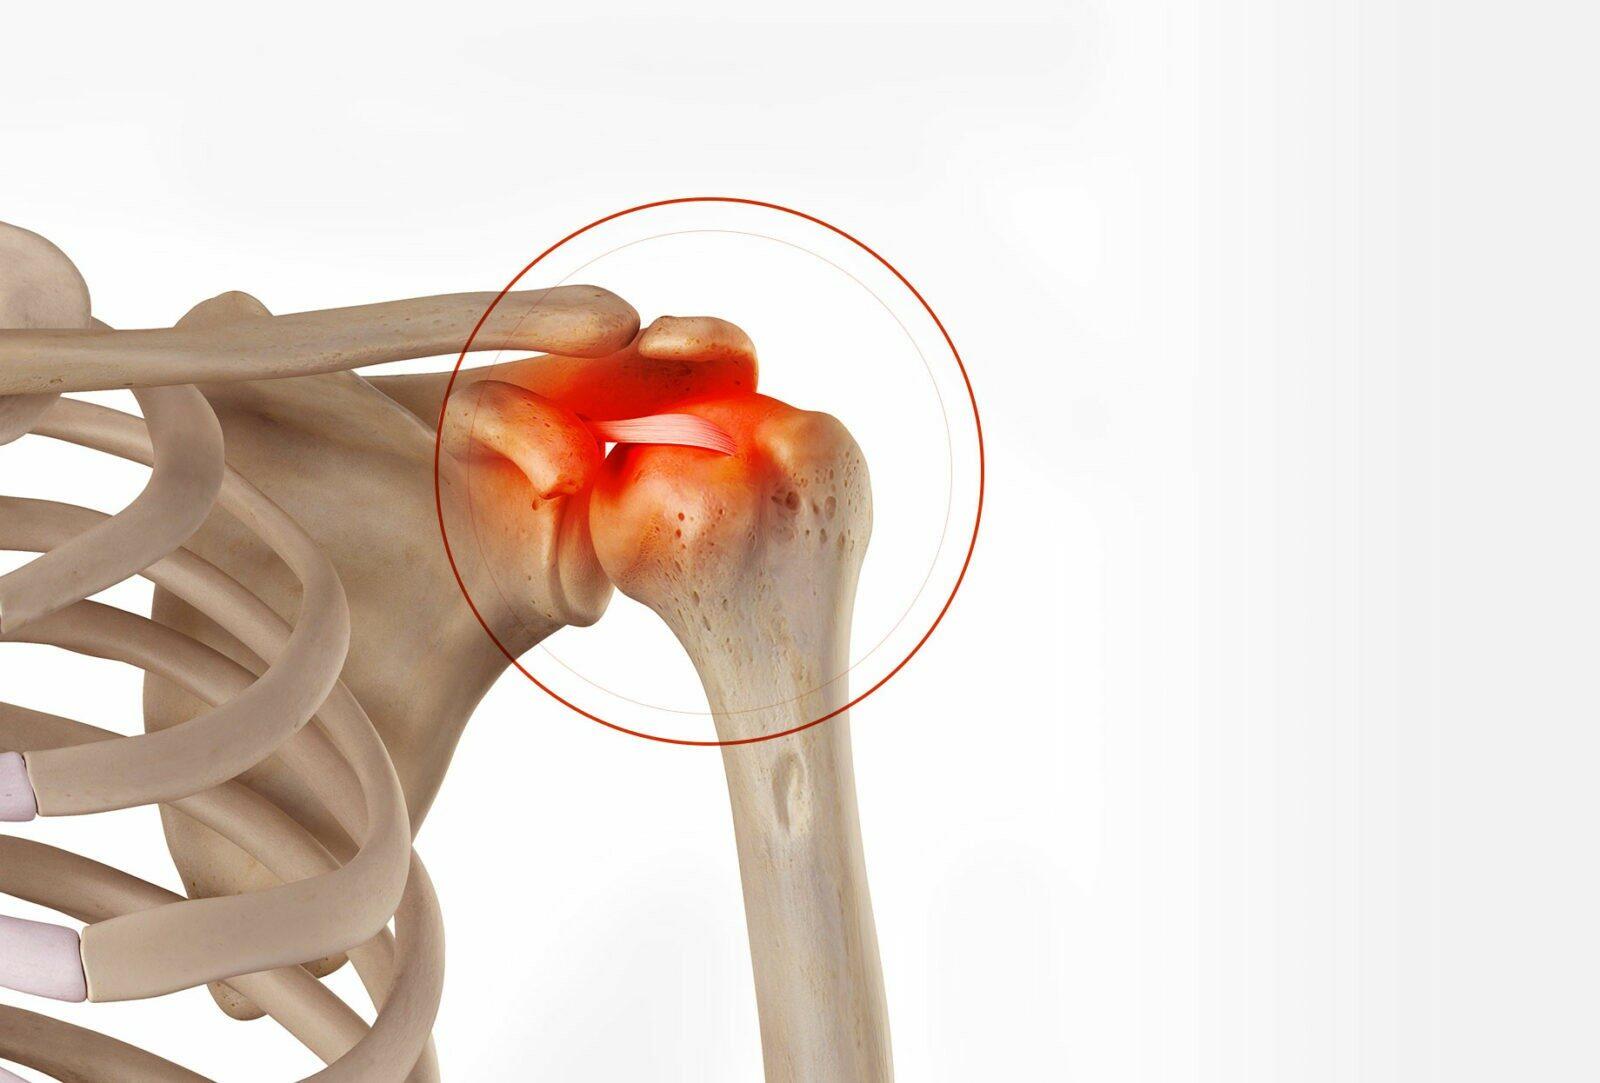 Chirurgie de l'épaule à Paris: Stabilisation acromio-claviculaire - Dr Paillard, Chirurgien orthopédique